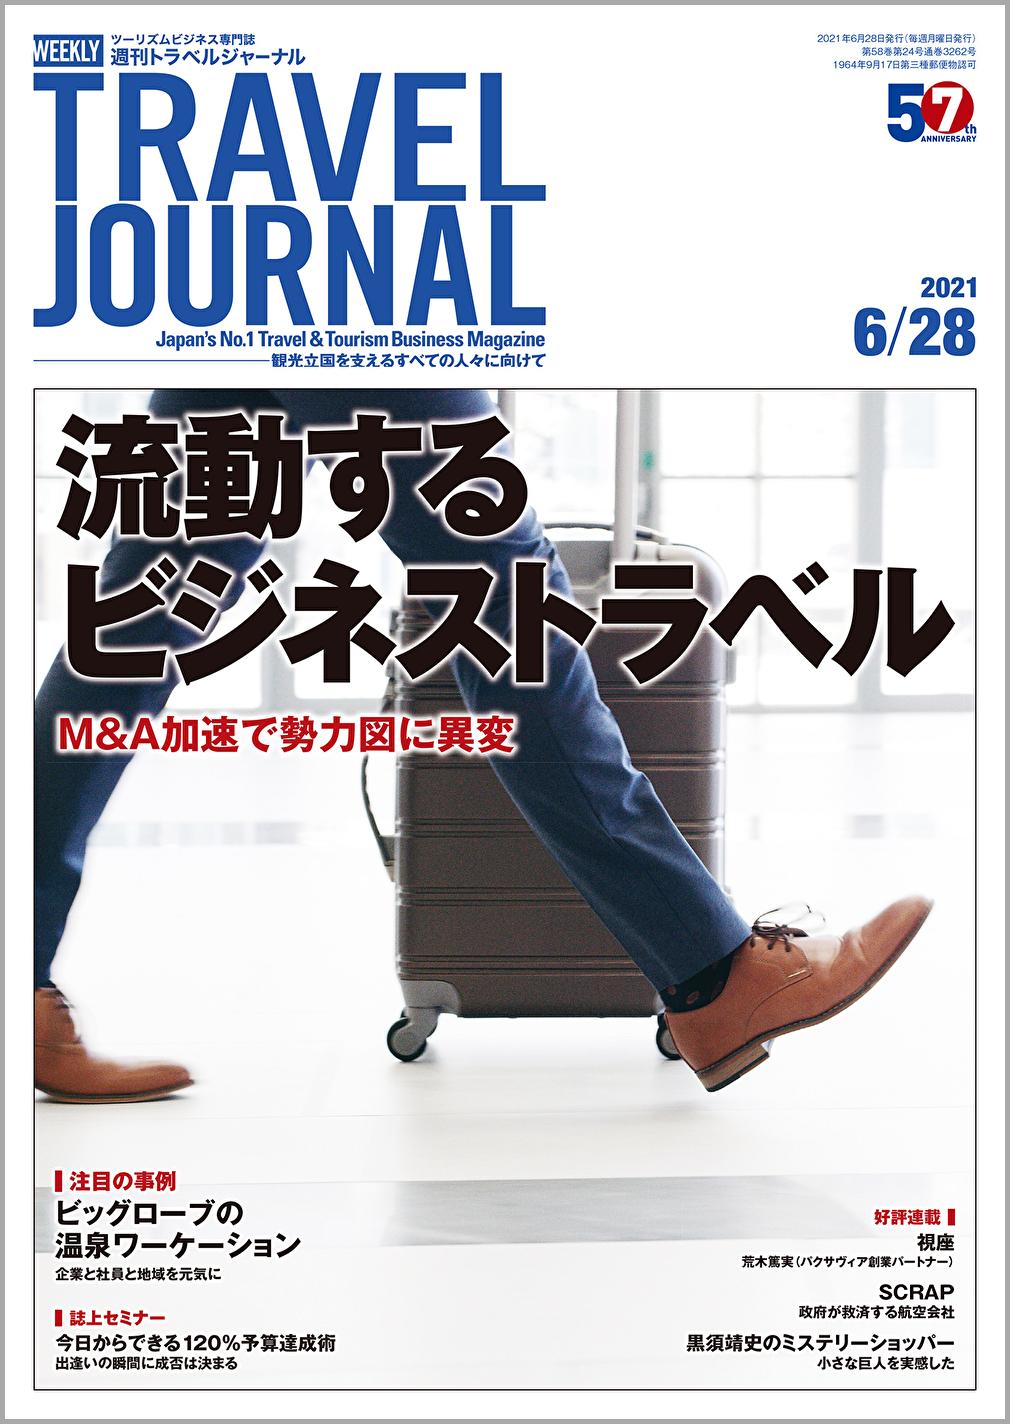 2021年6月28日号>流動するビジネストラベル M&A加速で勢力図に異変